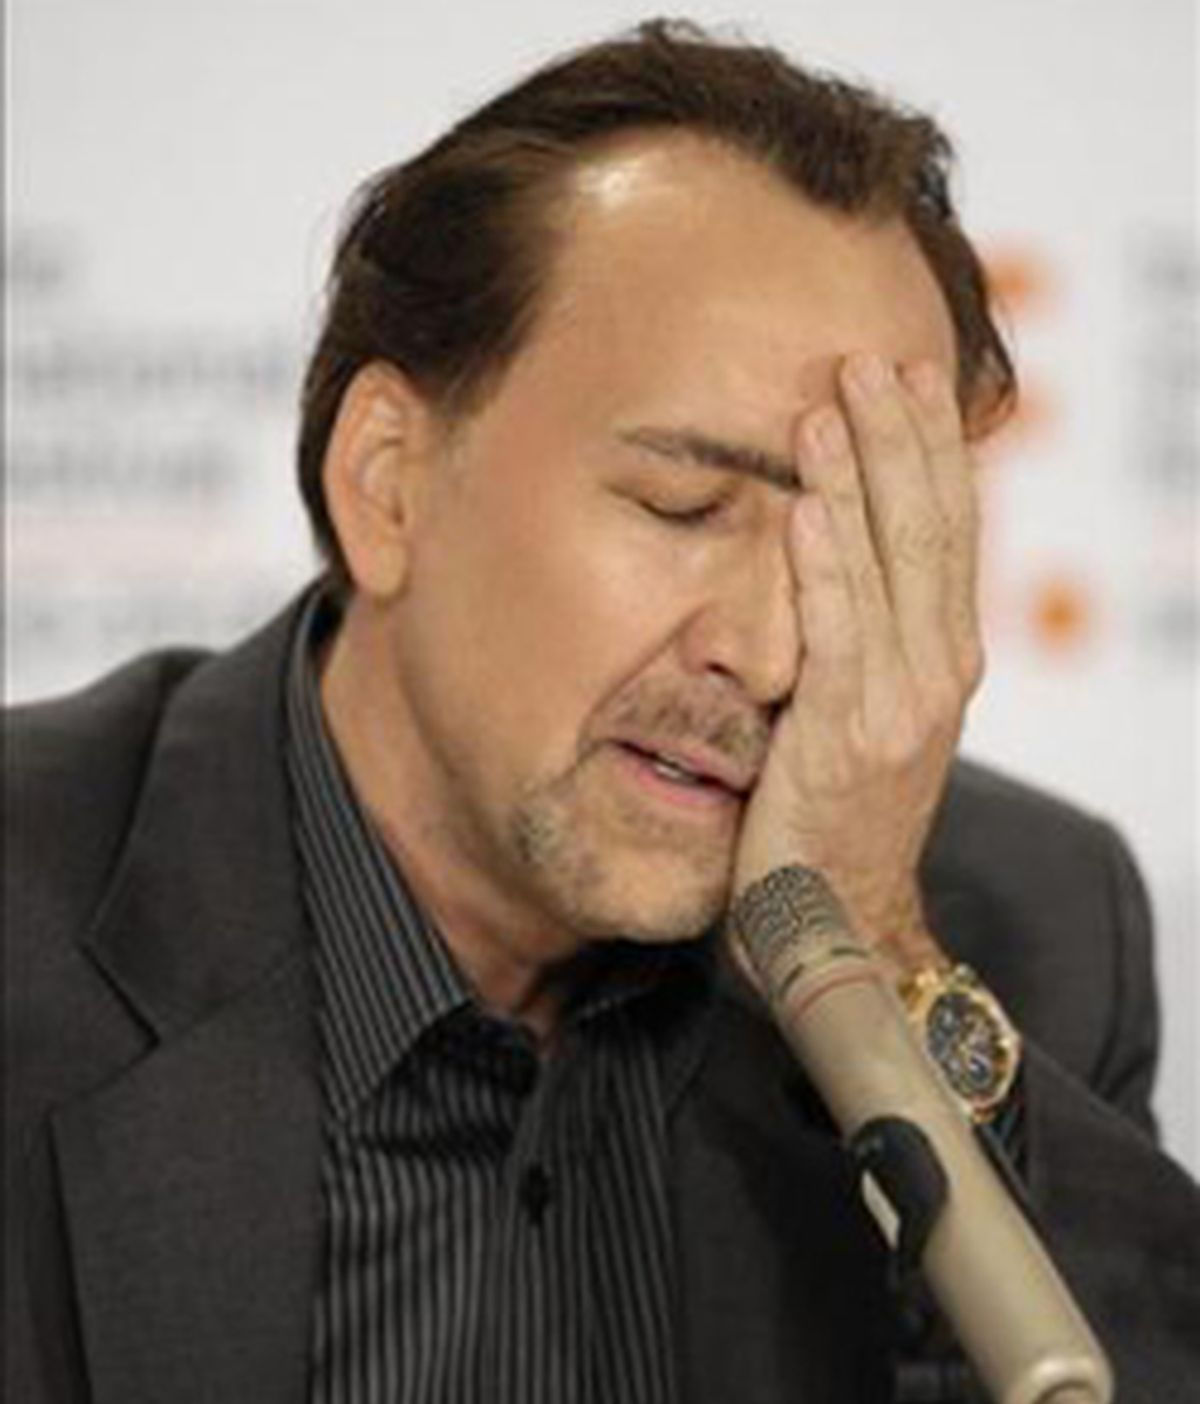 El actor Nicolas Cage atraviesa una grave situación económica por su 'lujoso estilo de vida, según su antiguao administrador, Samuel Levin. Foto: EFE/ Archivo